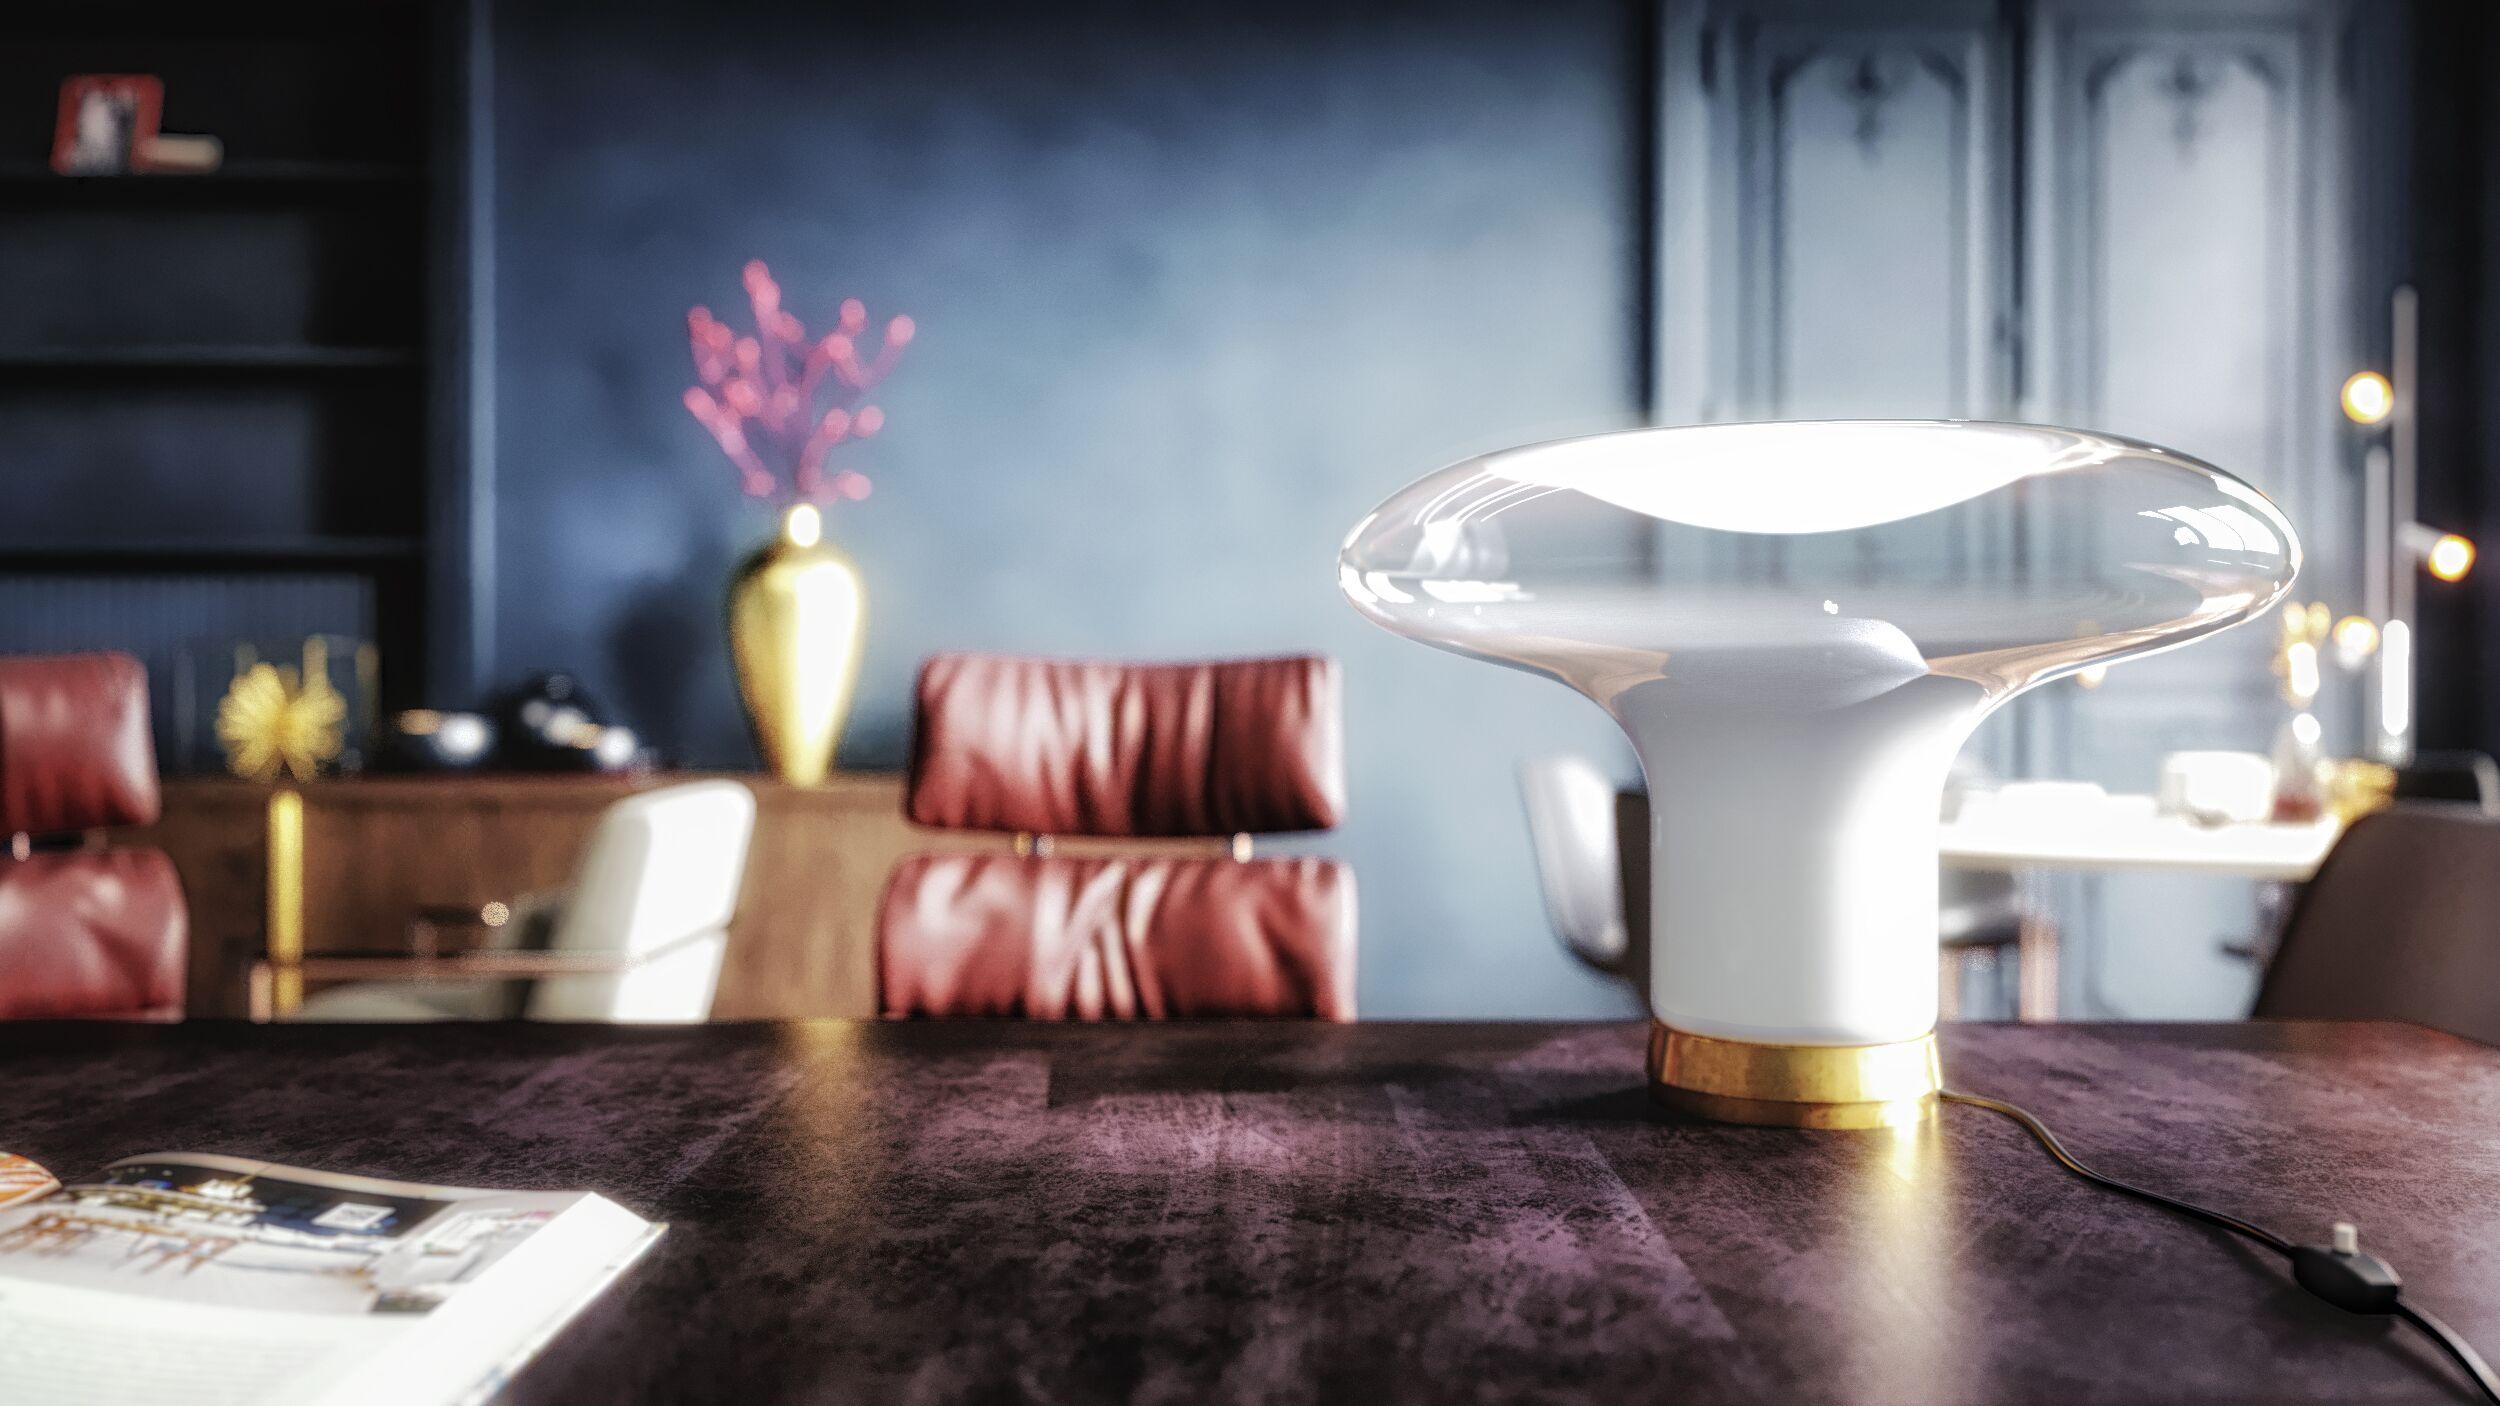 dettaglio lampada artemide